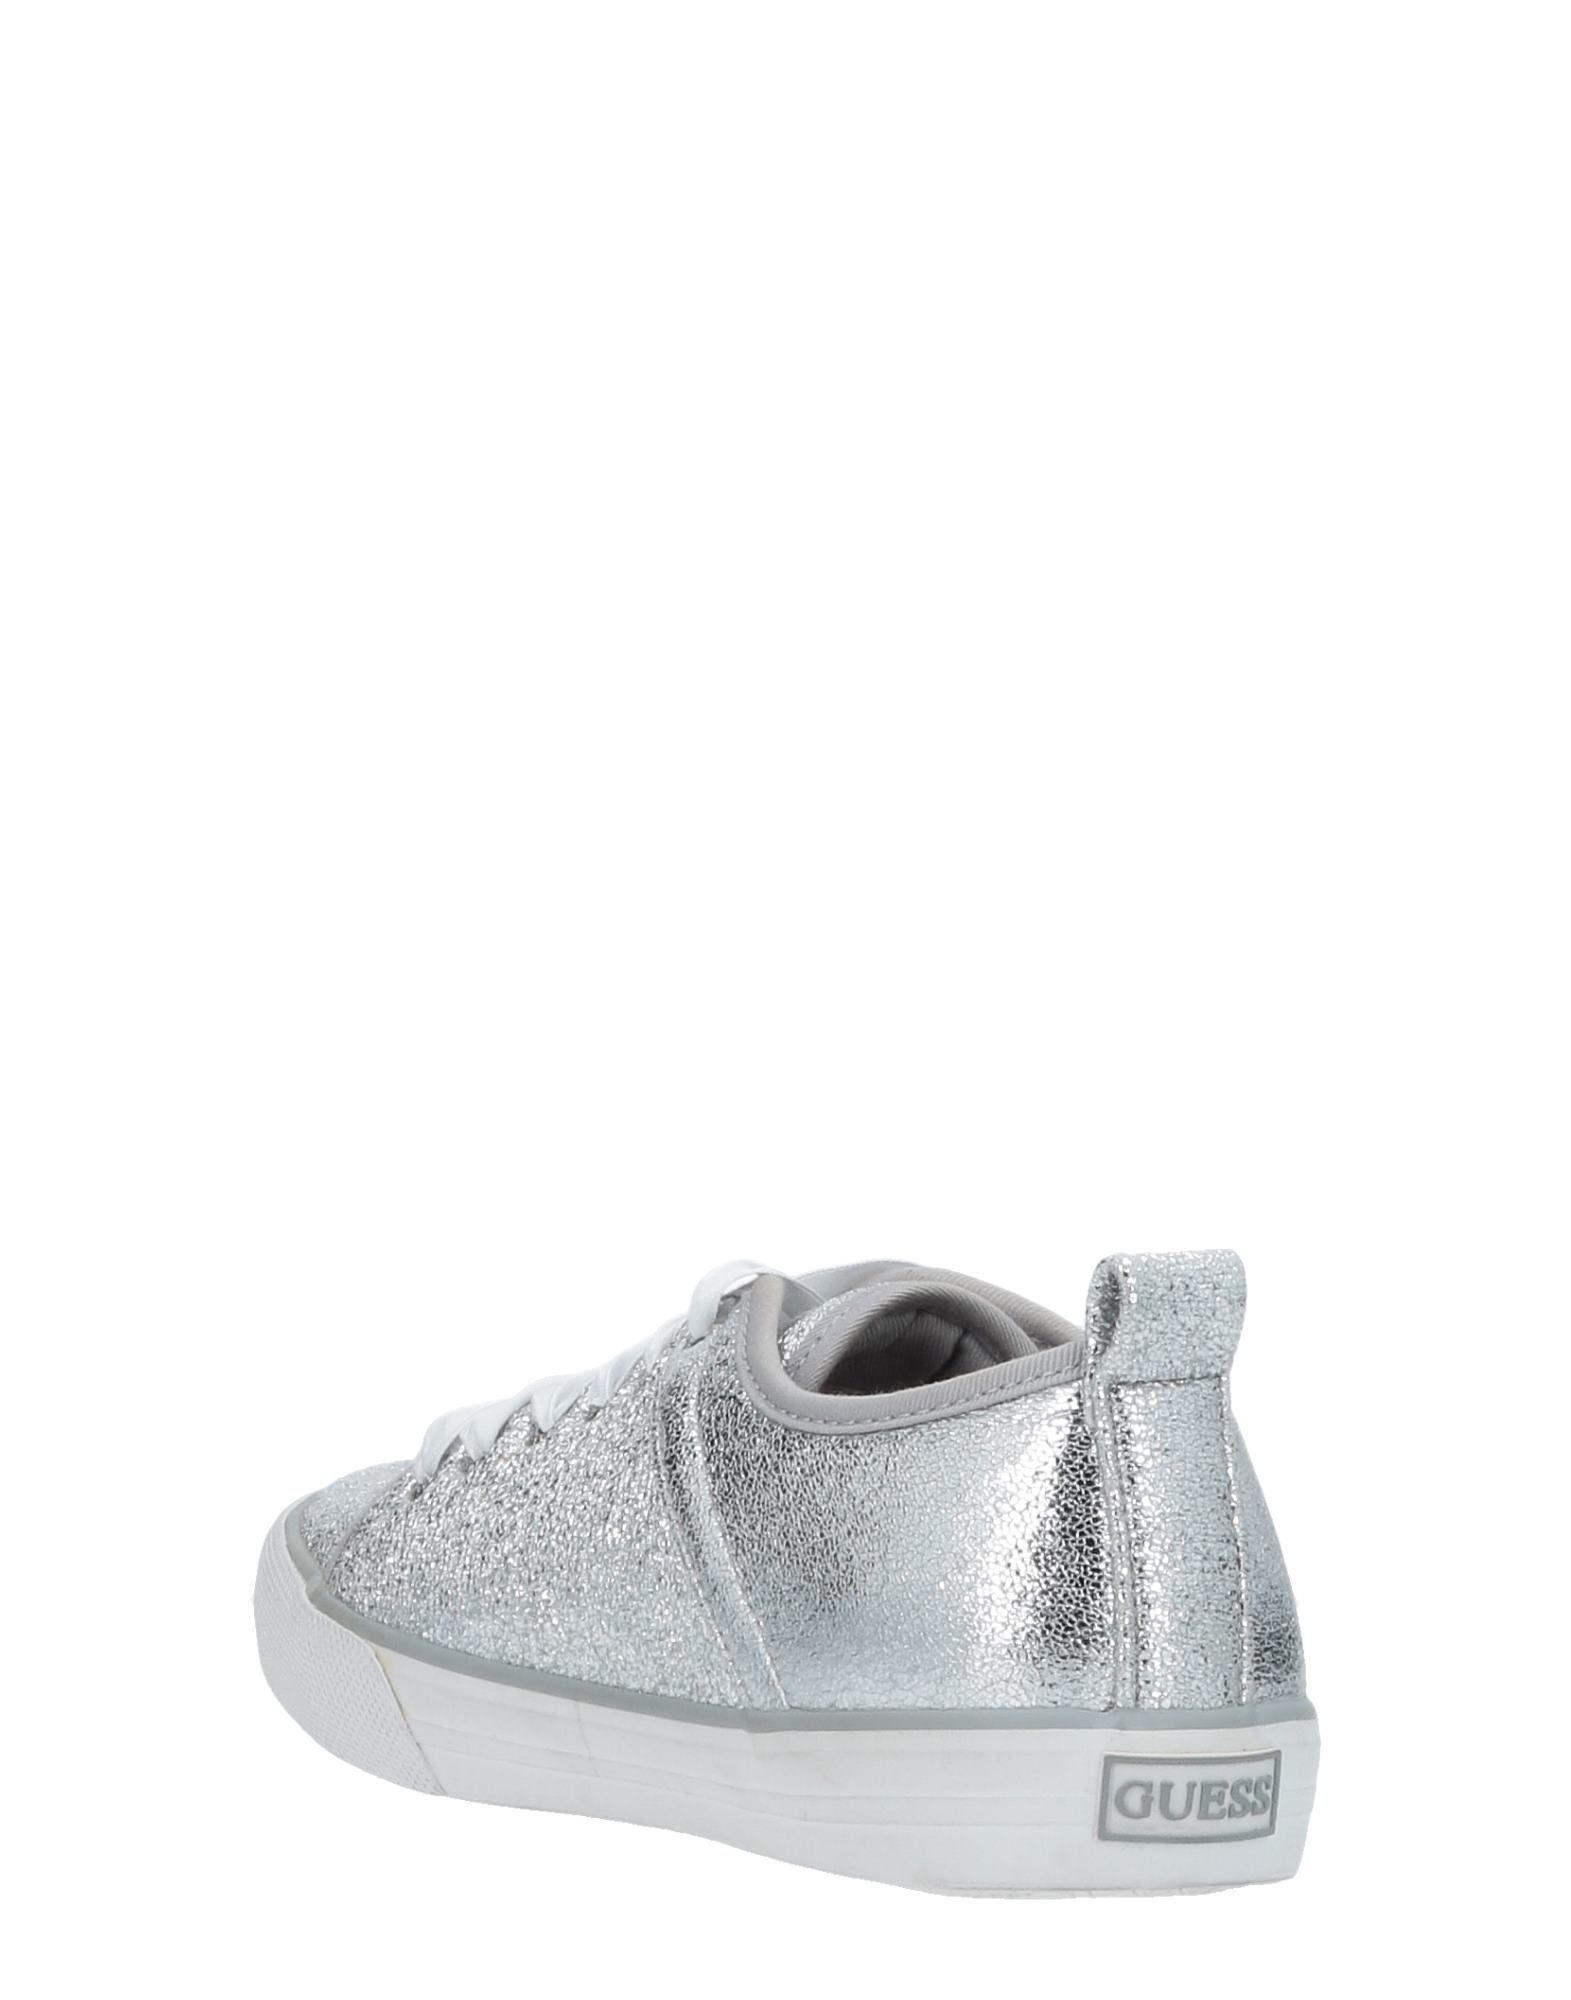 Stilvolle billige Schuhe Schuhe Schuhe Guess Sneakers Damen  11514550LH 816e6a